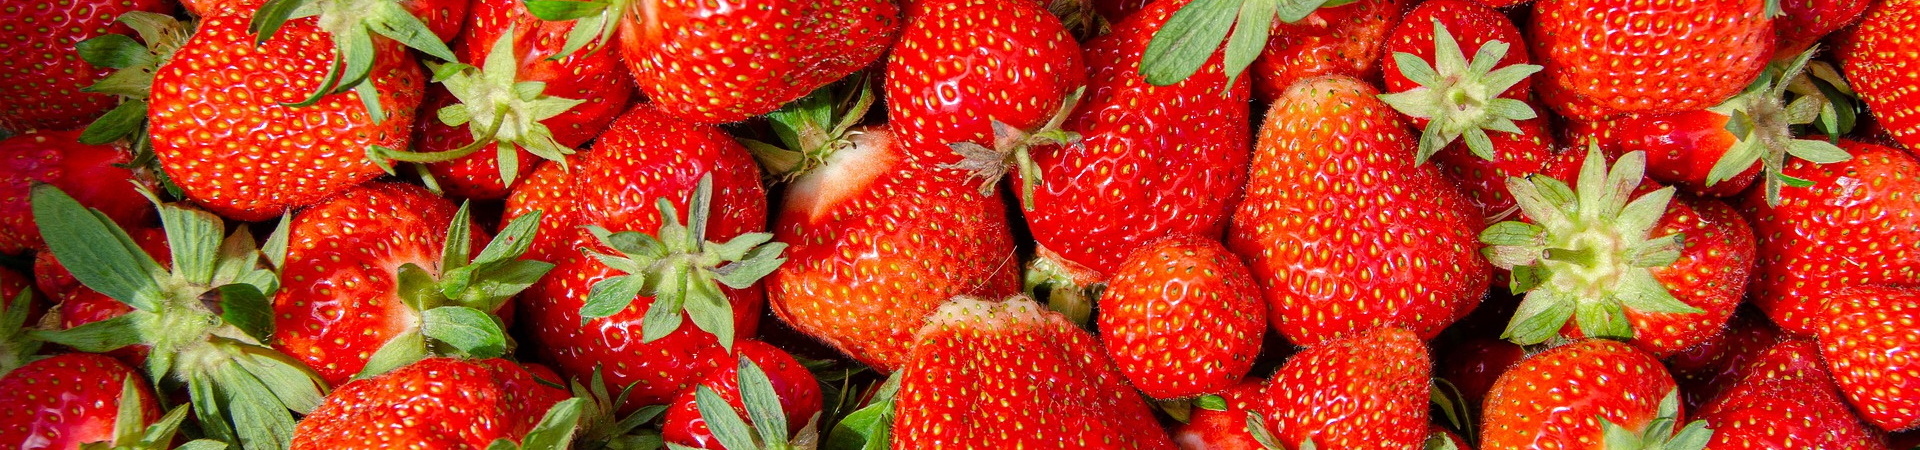 Nachhaltige Landwirtschaft im Bereich Erdbeeren